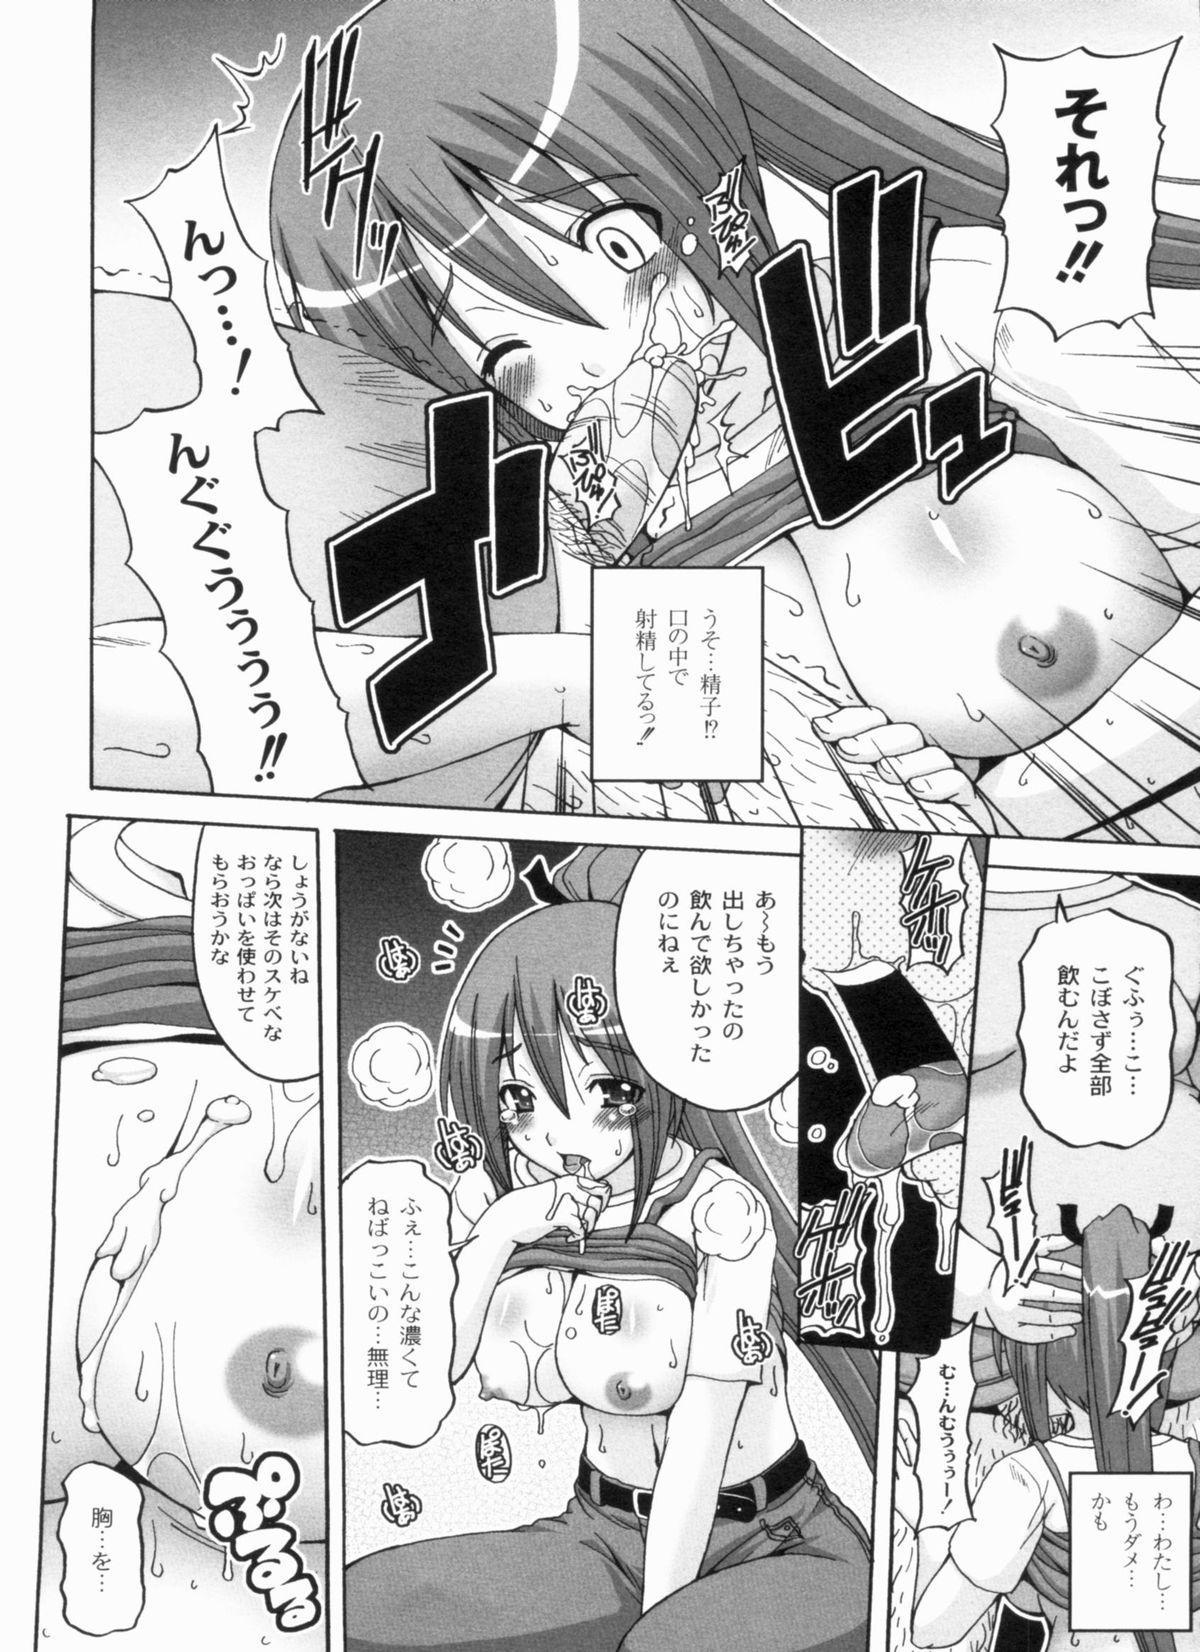 Ayaka no Kyouyuu Seikatsu 15